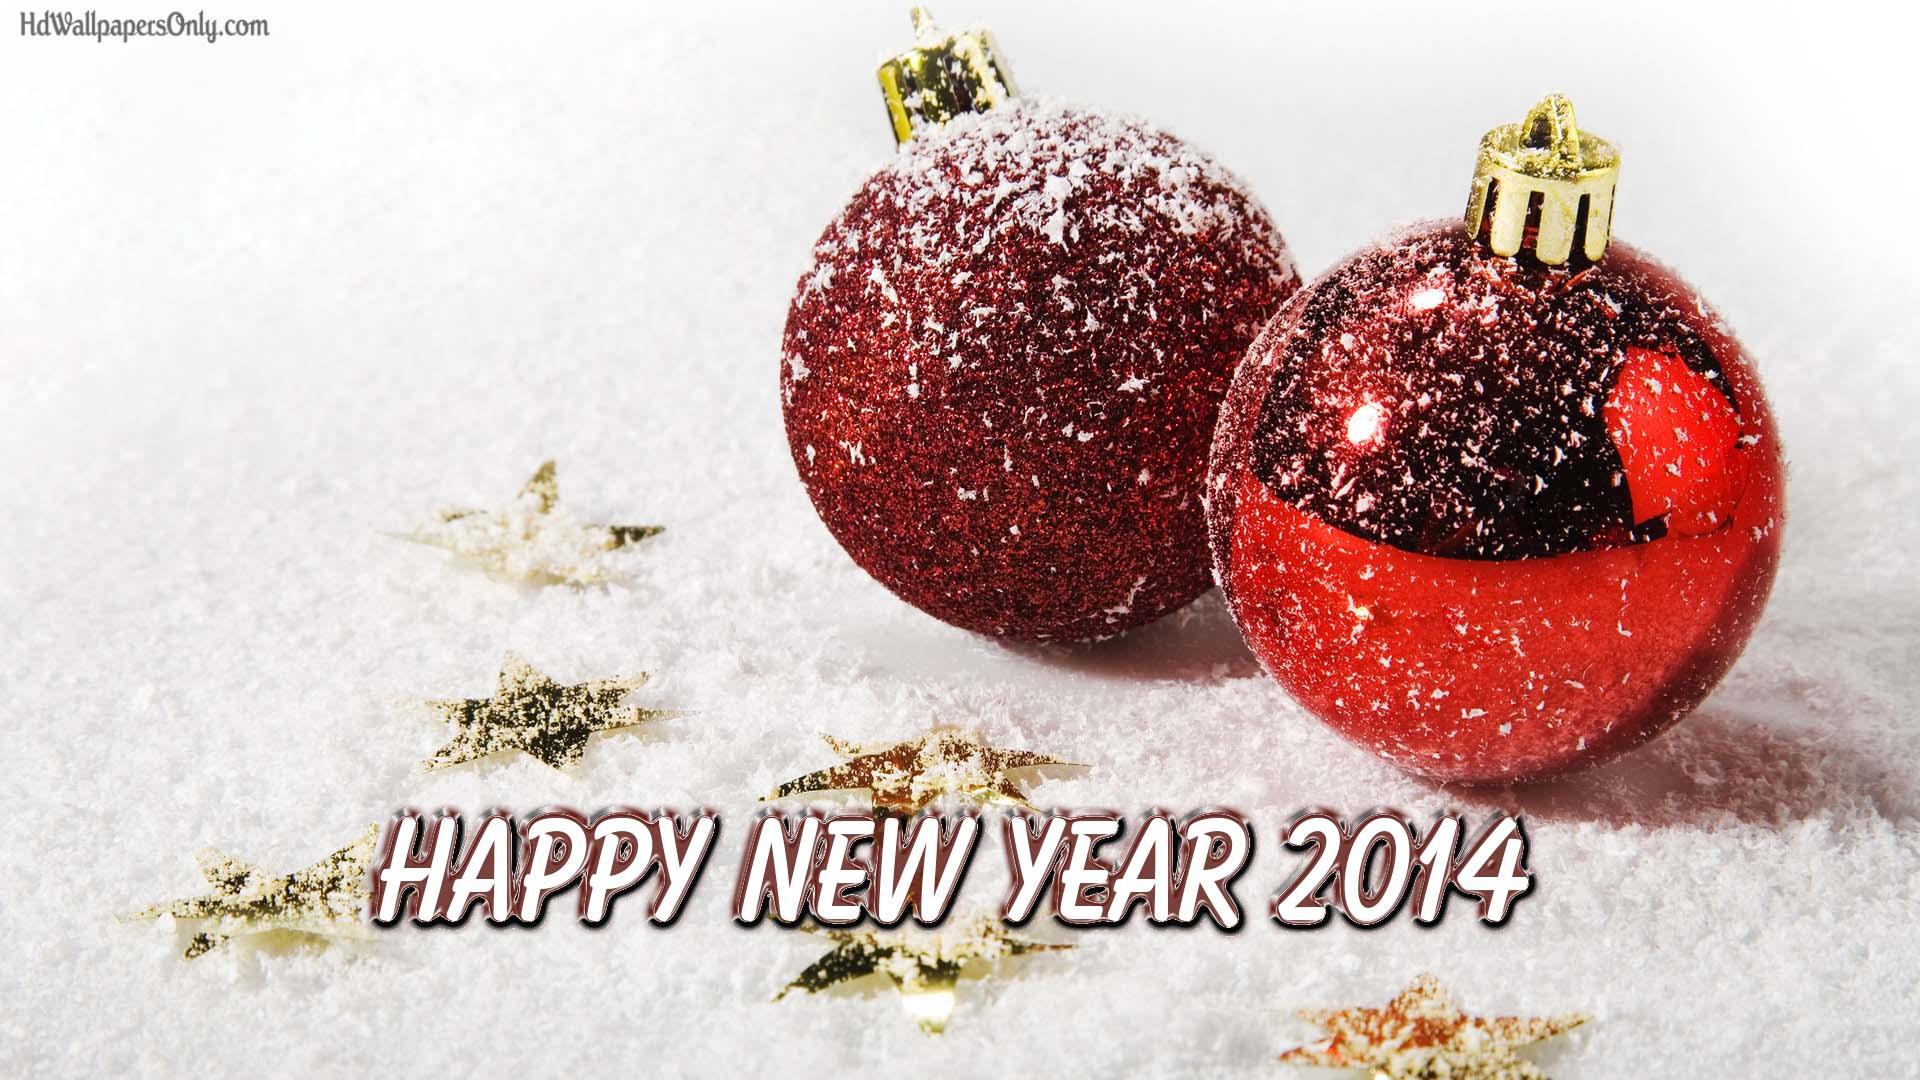 صور مسن كريسماس 2013 , خلفيات ماسنجر لعيد الميلاد المجيد الكريسماس 2014